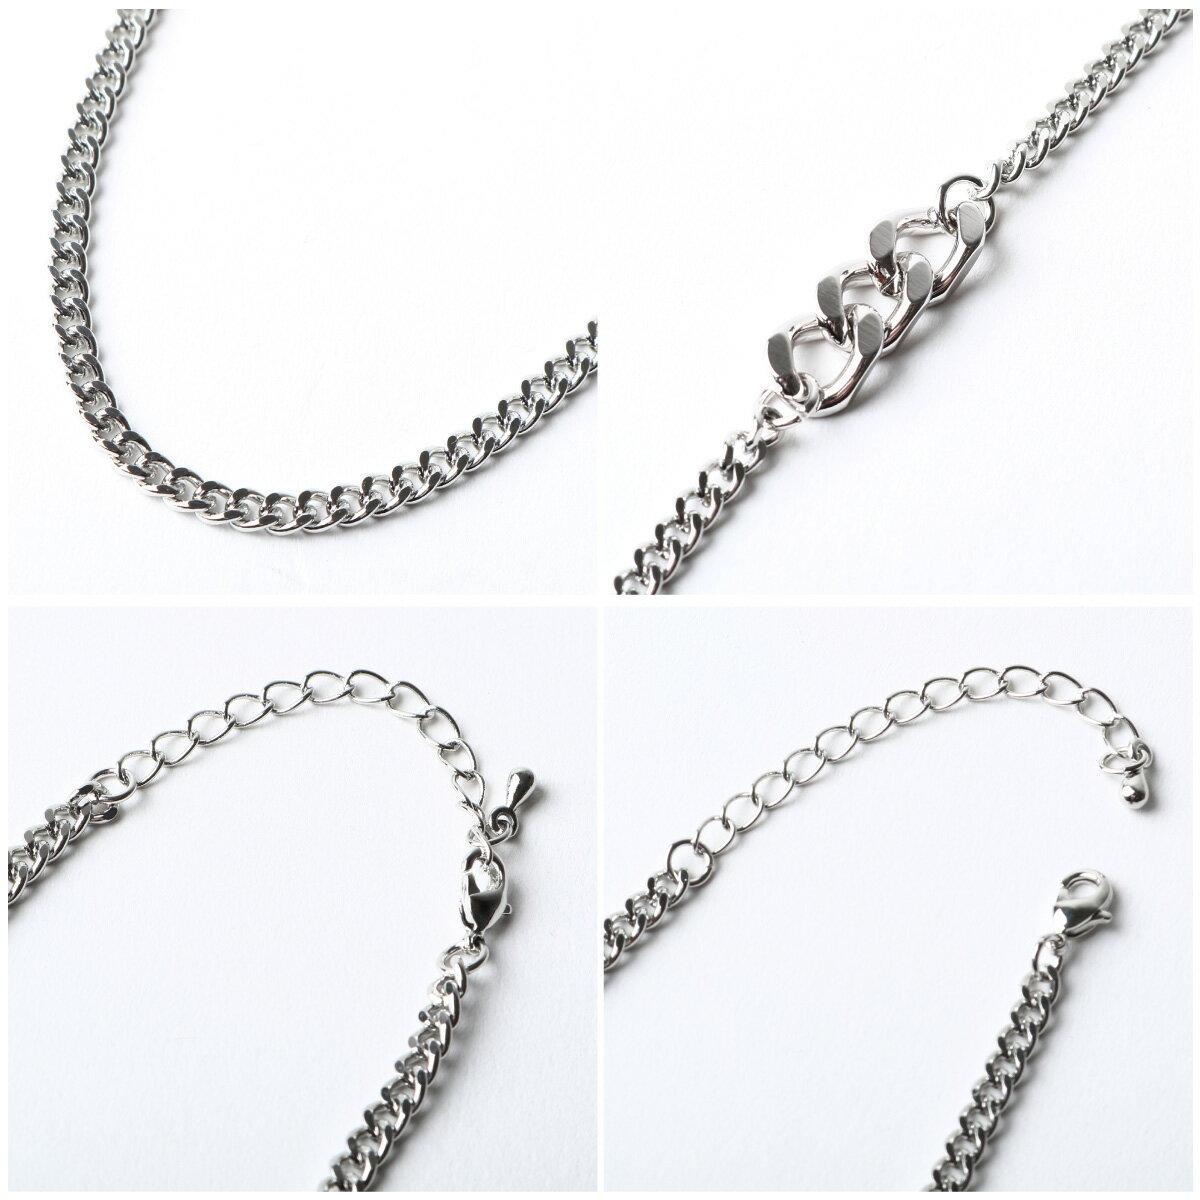 時尚鎖鍊項鍊 銀飾 5